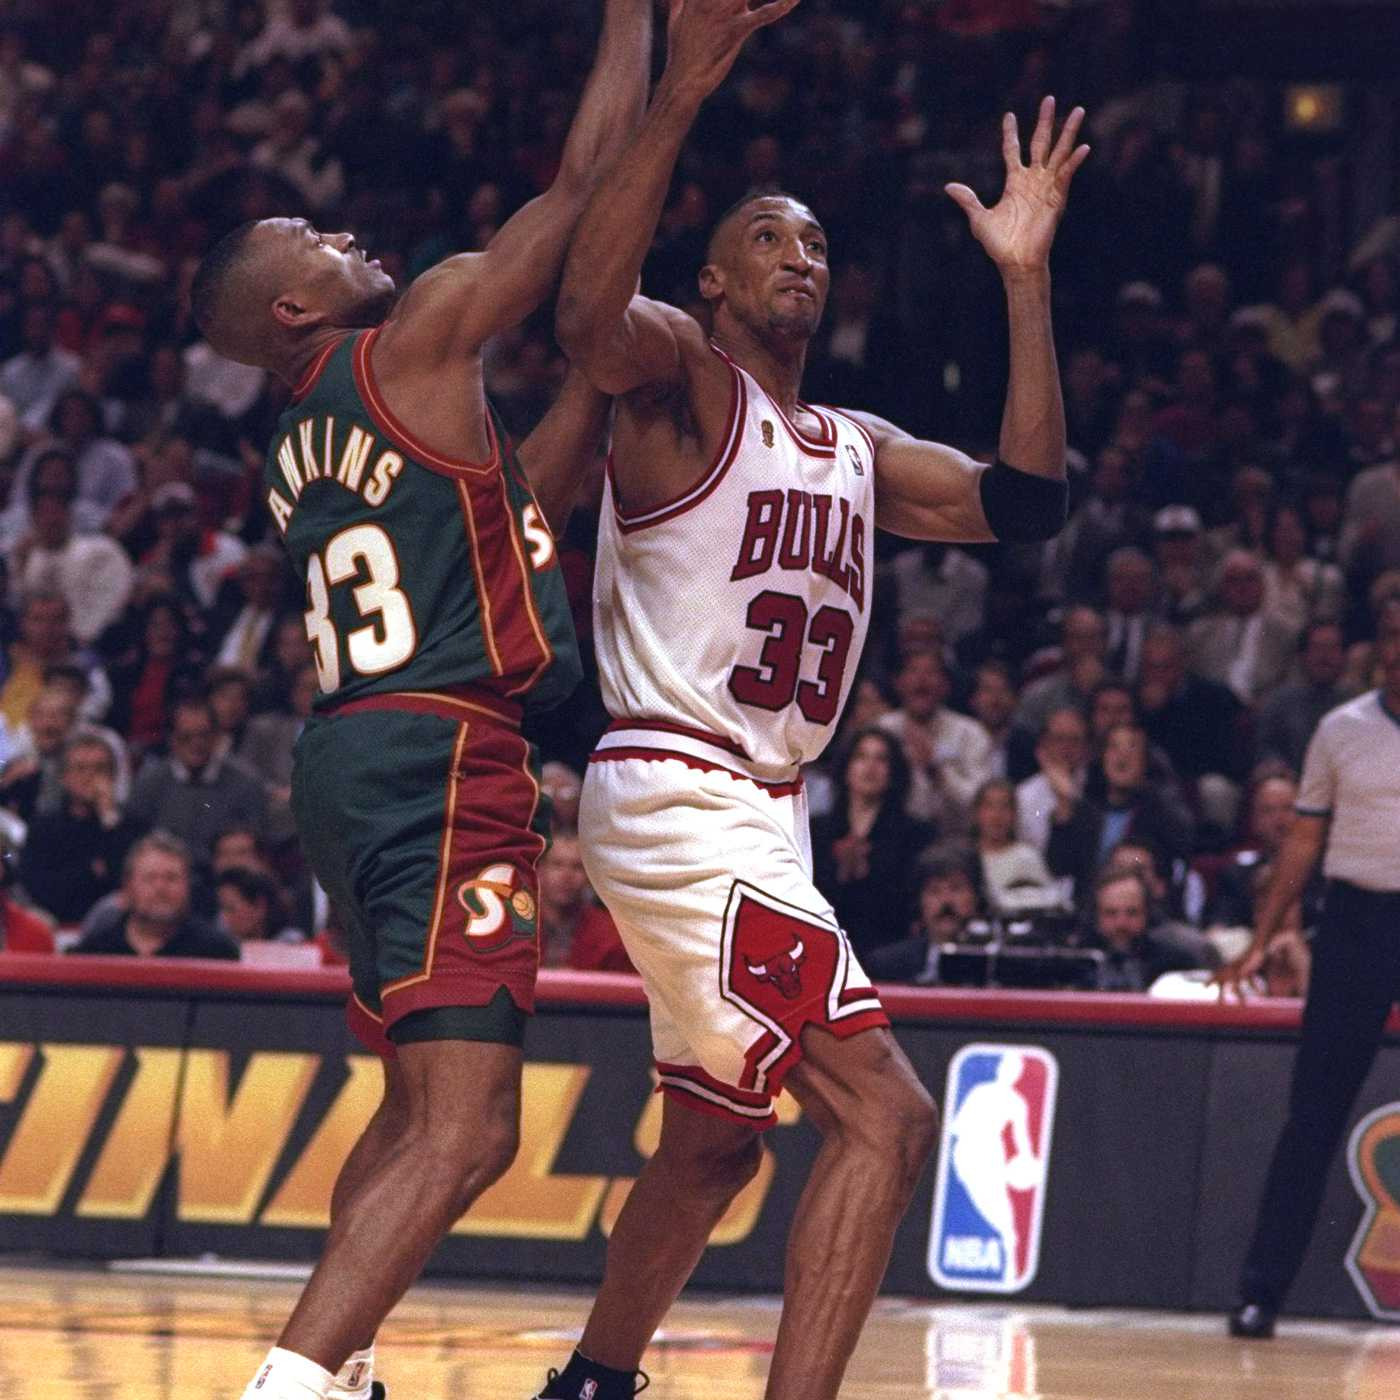 Scottie Pippen's Nike air more uptempo